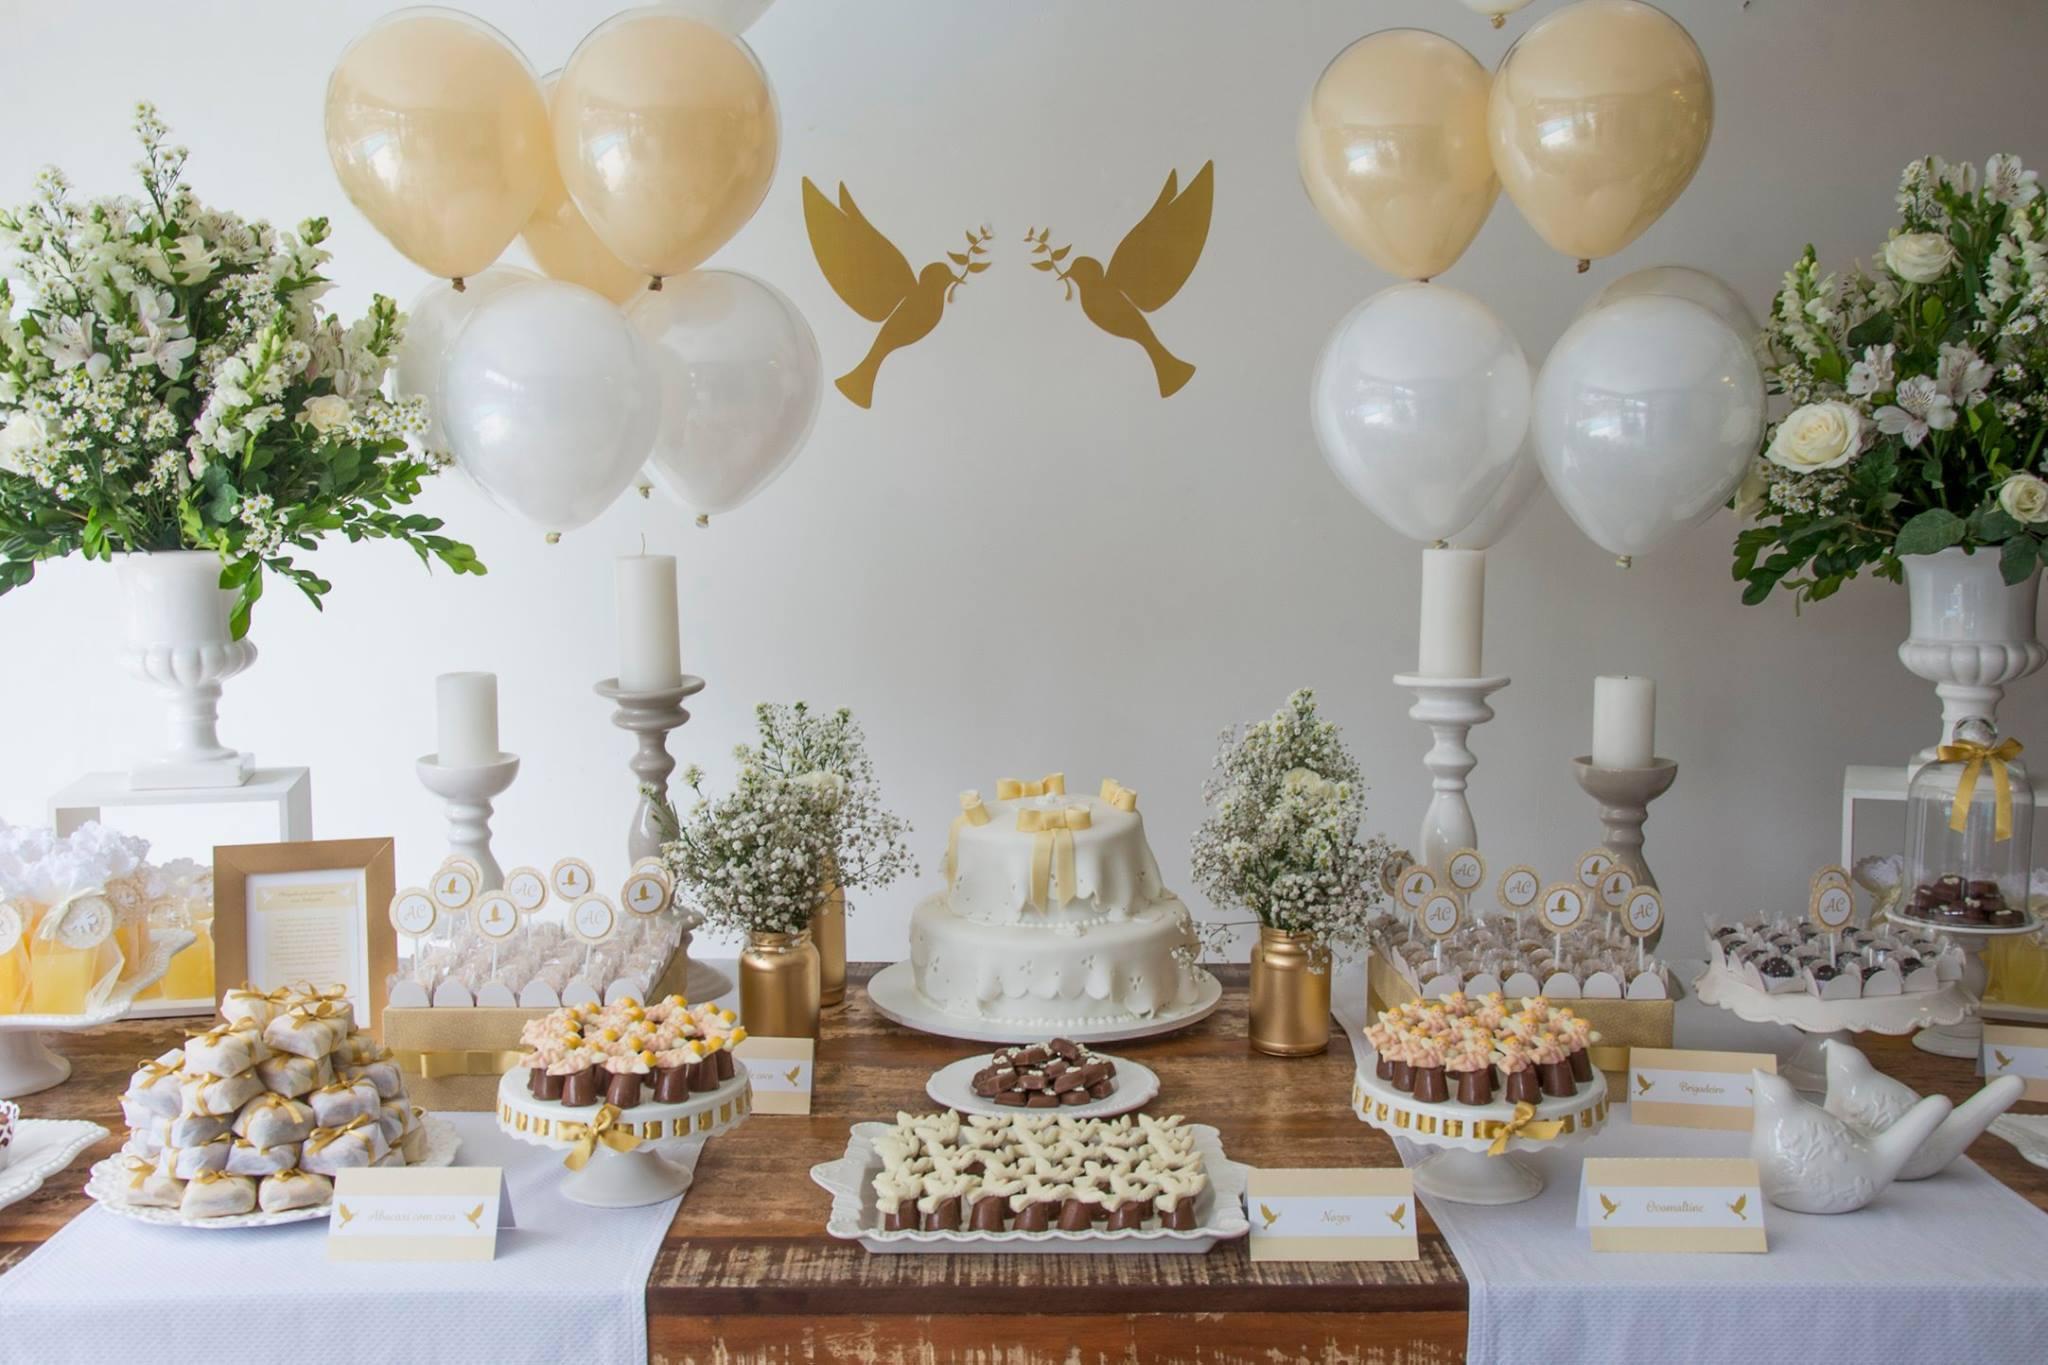 festa de batizado -> Decoracao De Batizado Branco Com Dourado